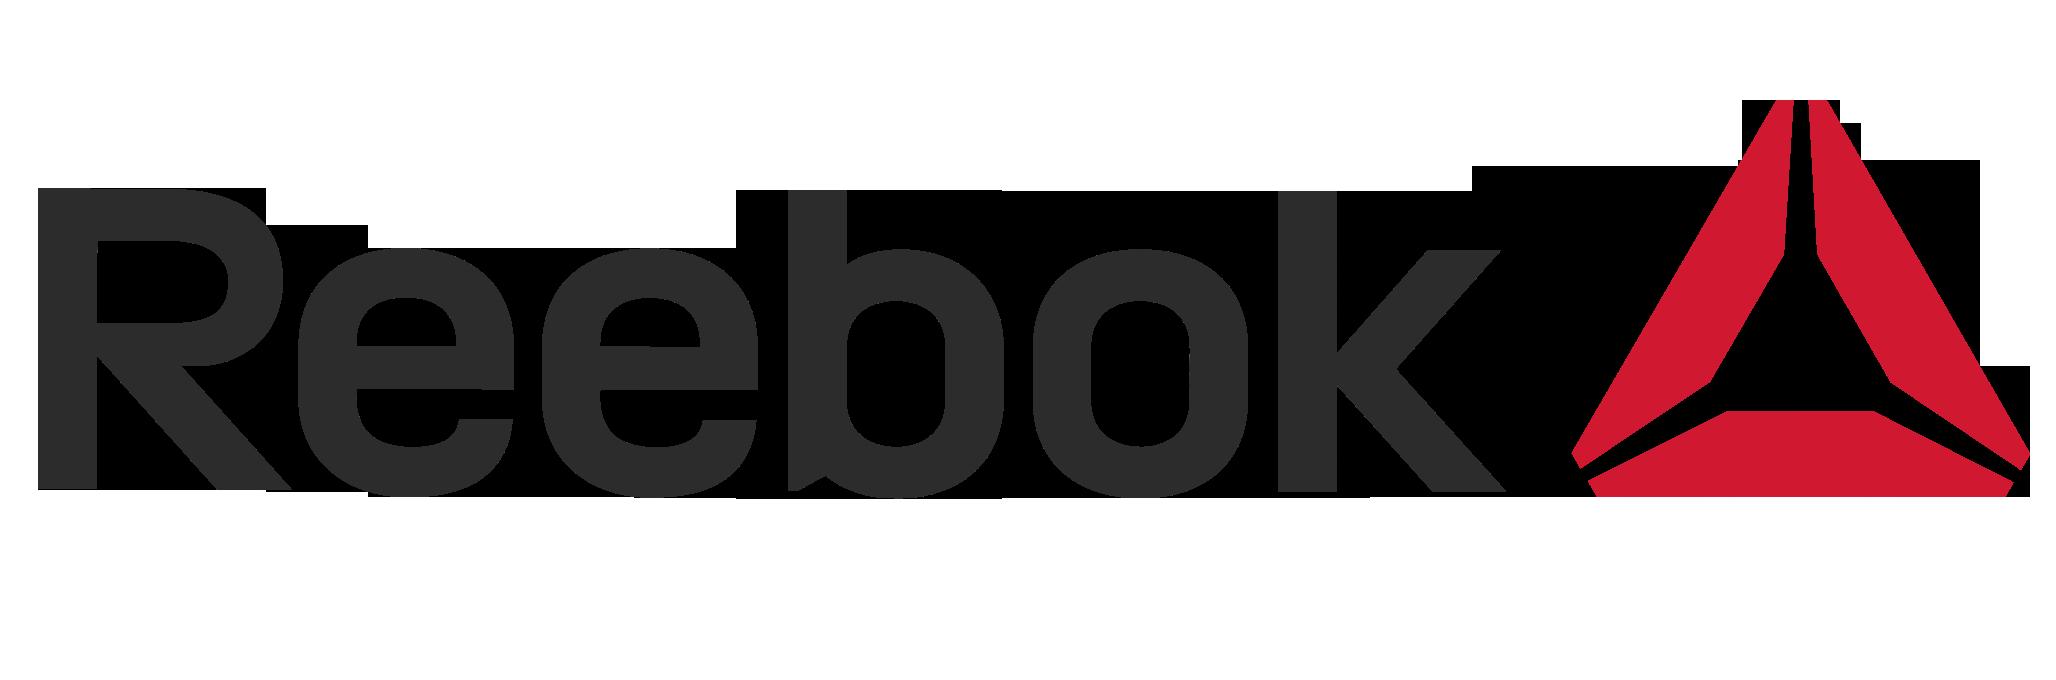 Reebok-logo - Copy.png